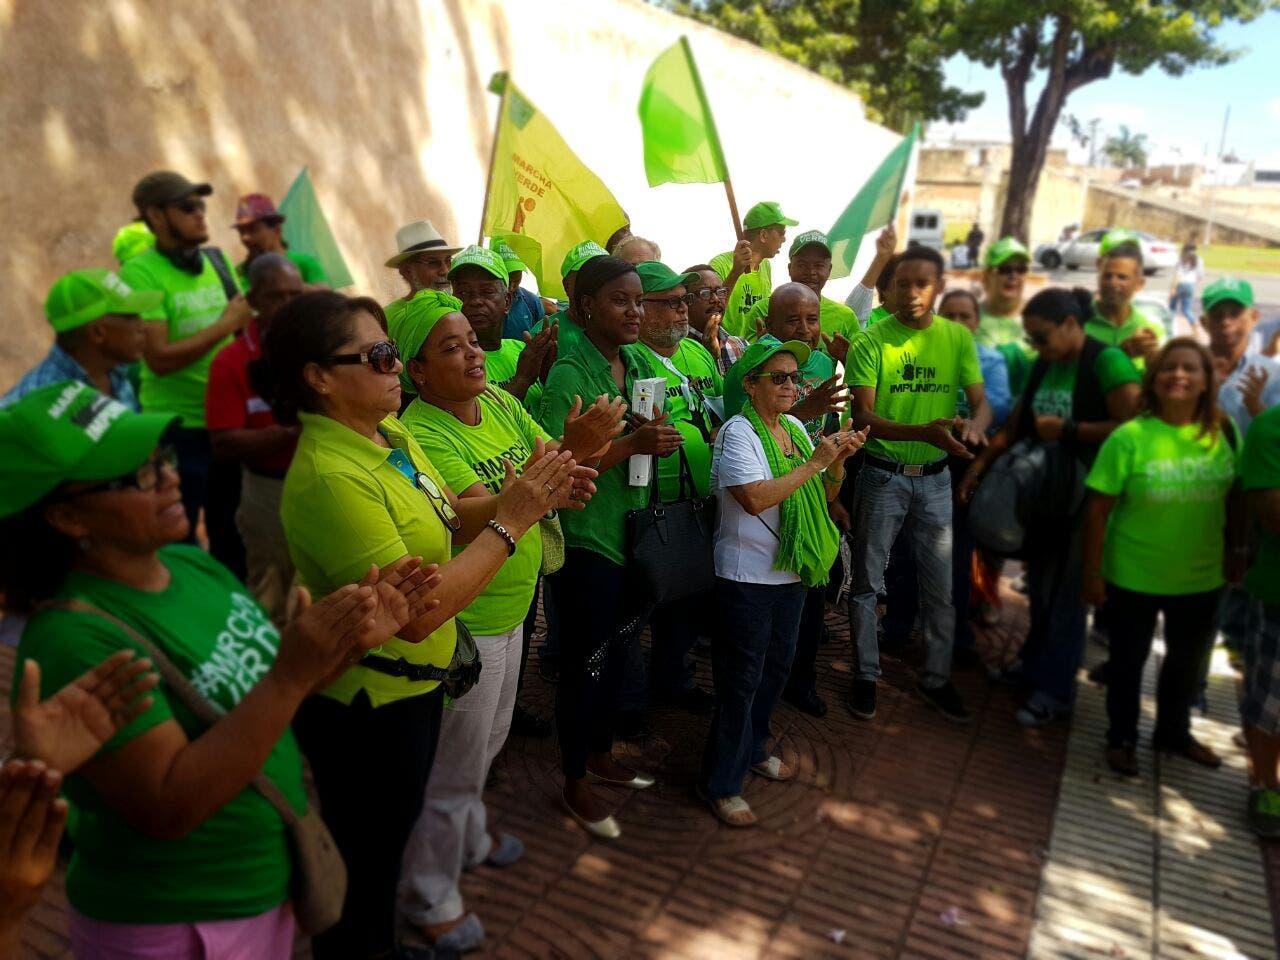 Jordania Lora y Angel Garcia hablaron a nombre de  colectivo durante la rueda de prensa.